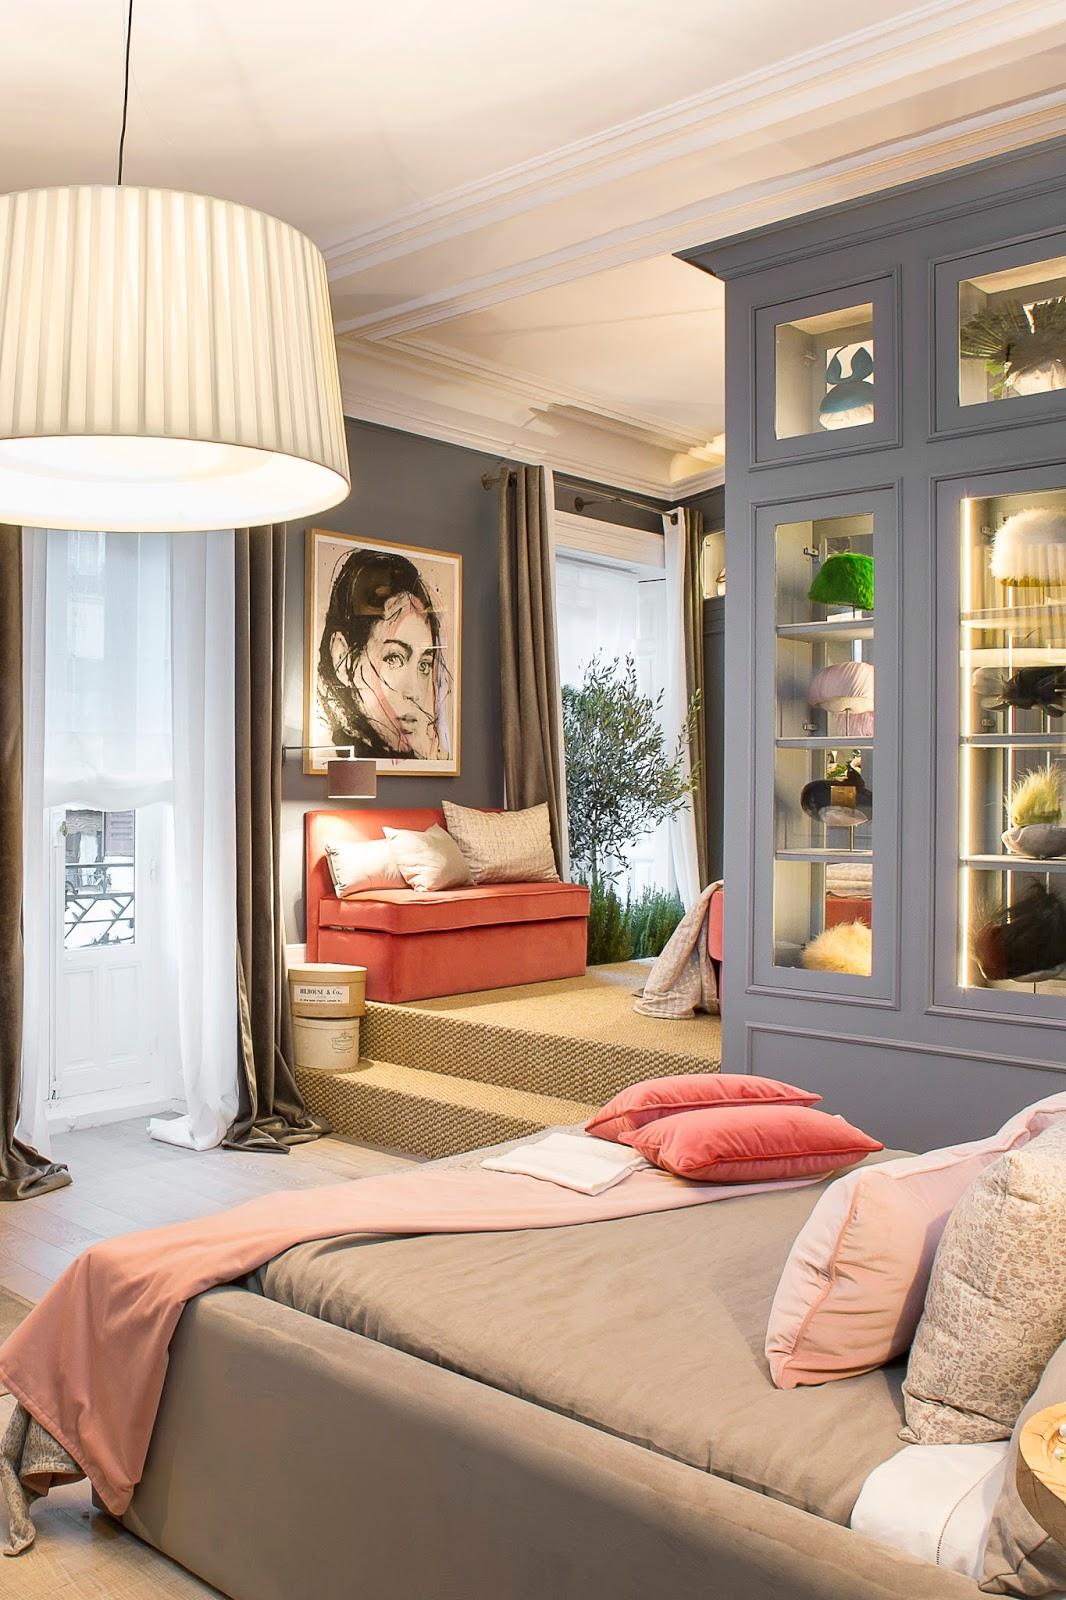 con otros ojos blog de dise o y decoraci n coton et bois en casa decor 2018 el coleccionista. Black Bedroom Furniture Sets. Home Design Ideas